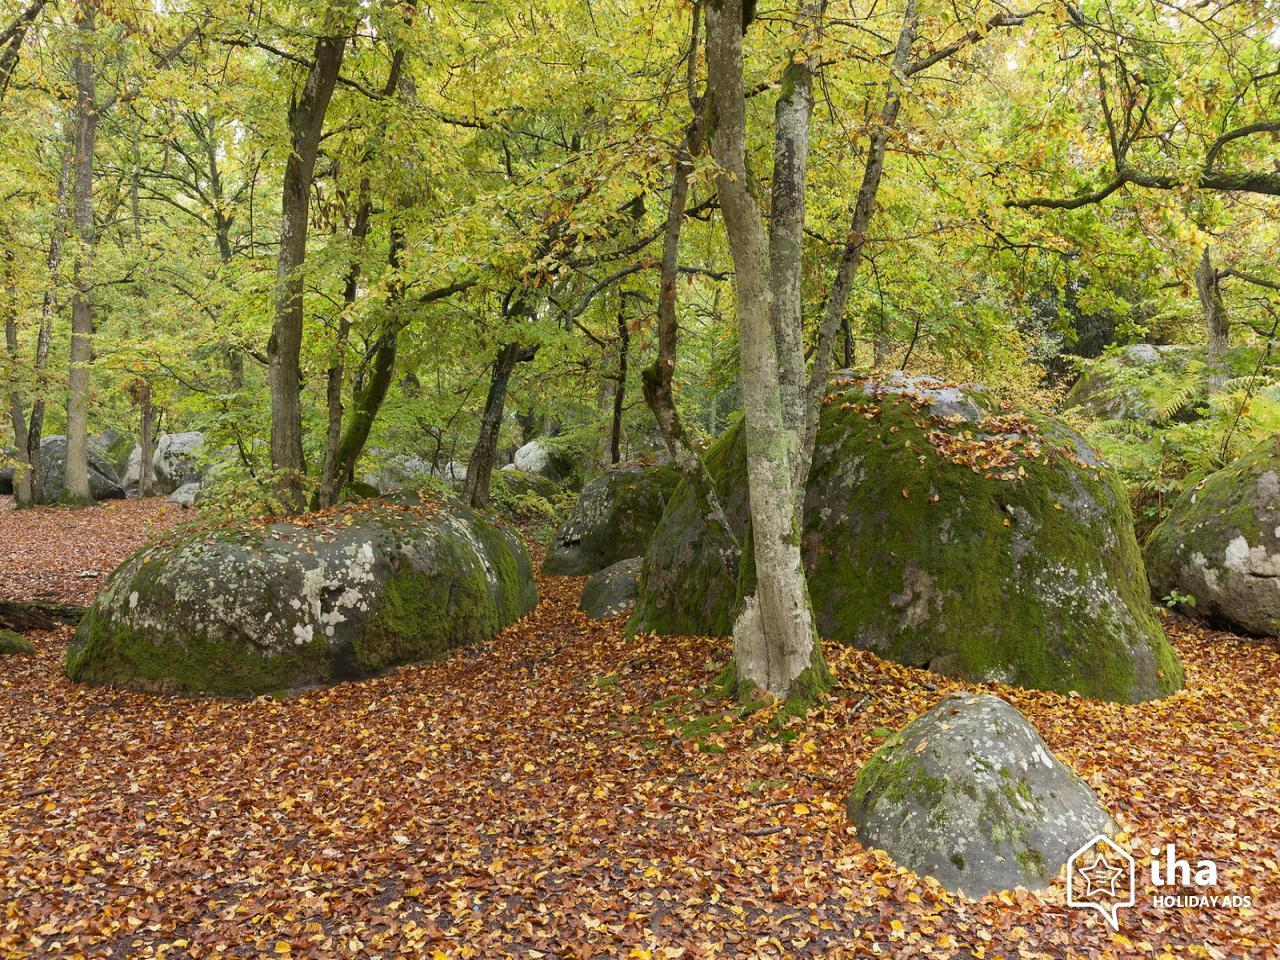 Fontainebleau-Les-forets-de-fontainebleau (1)